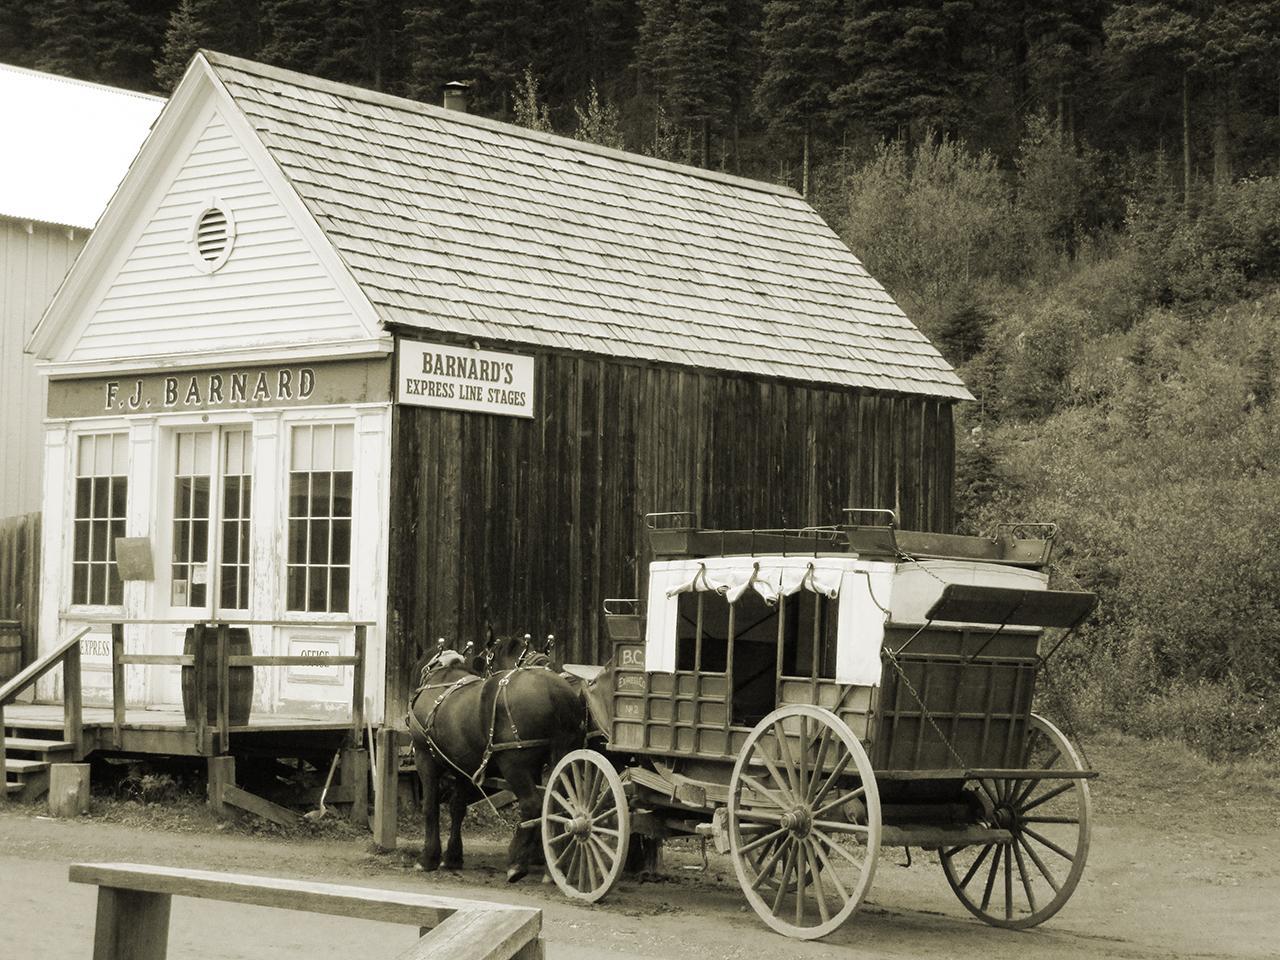 bâtiment en bois, charrette et chevaux